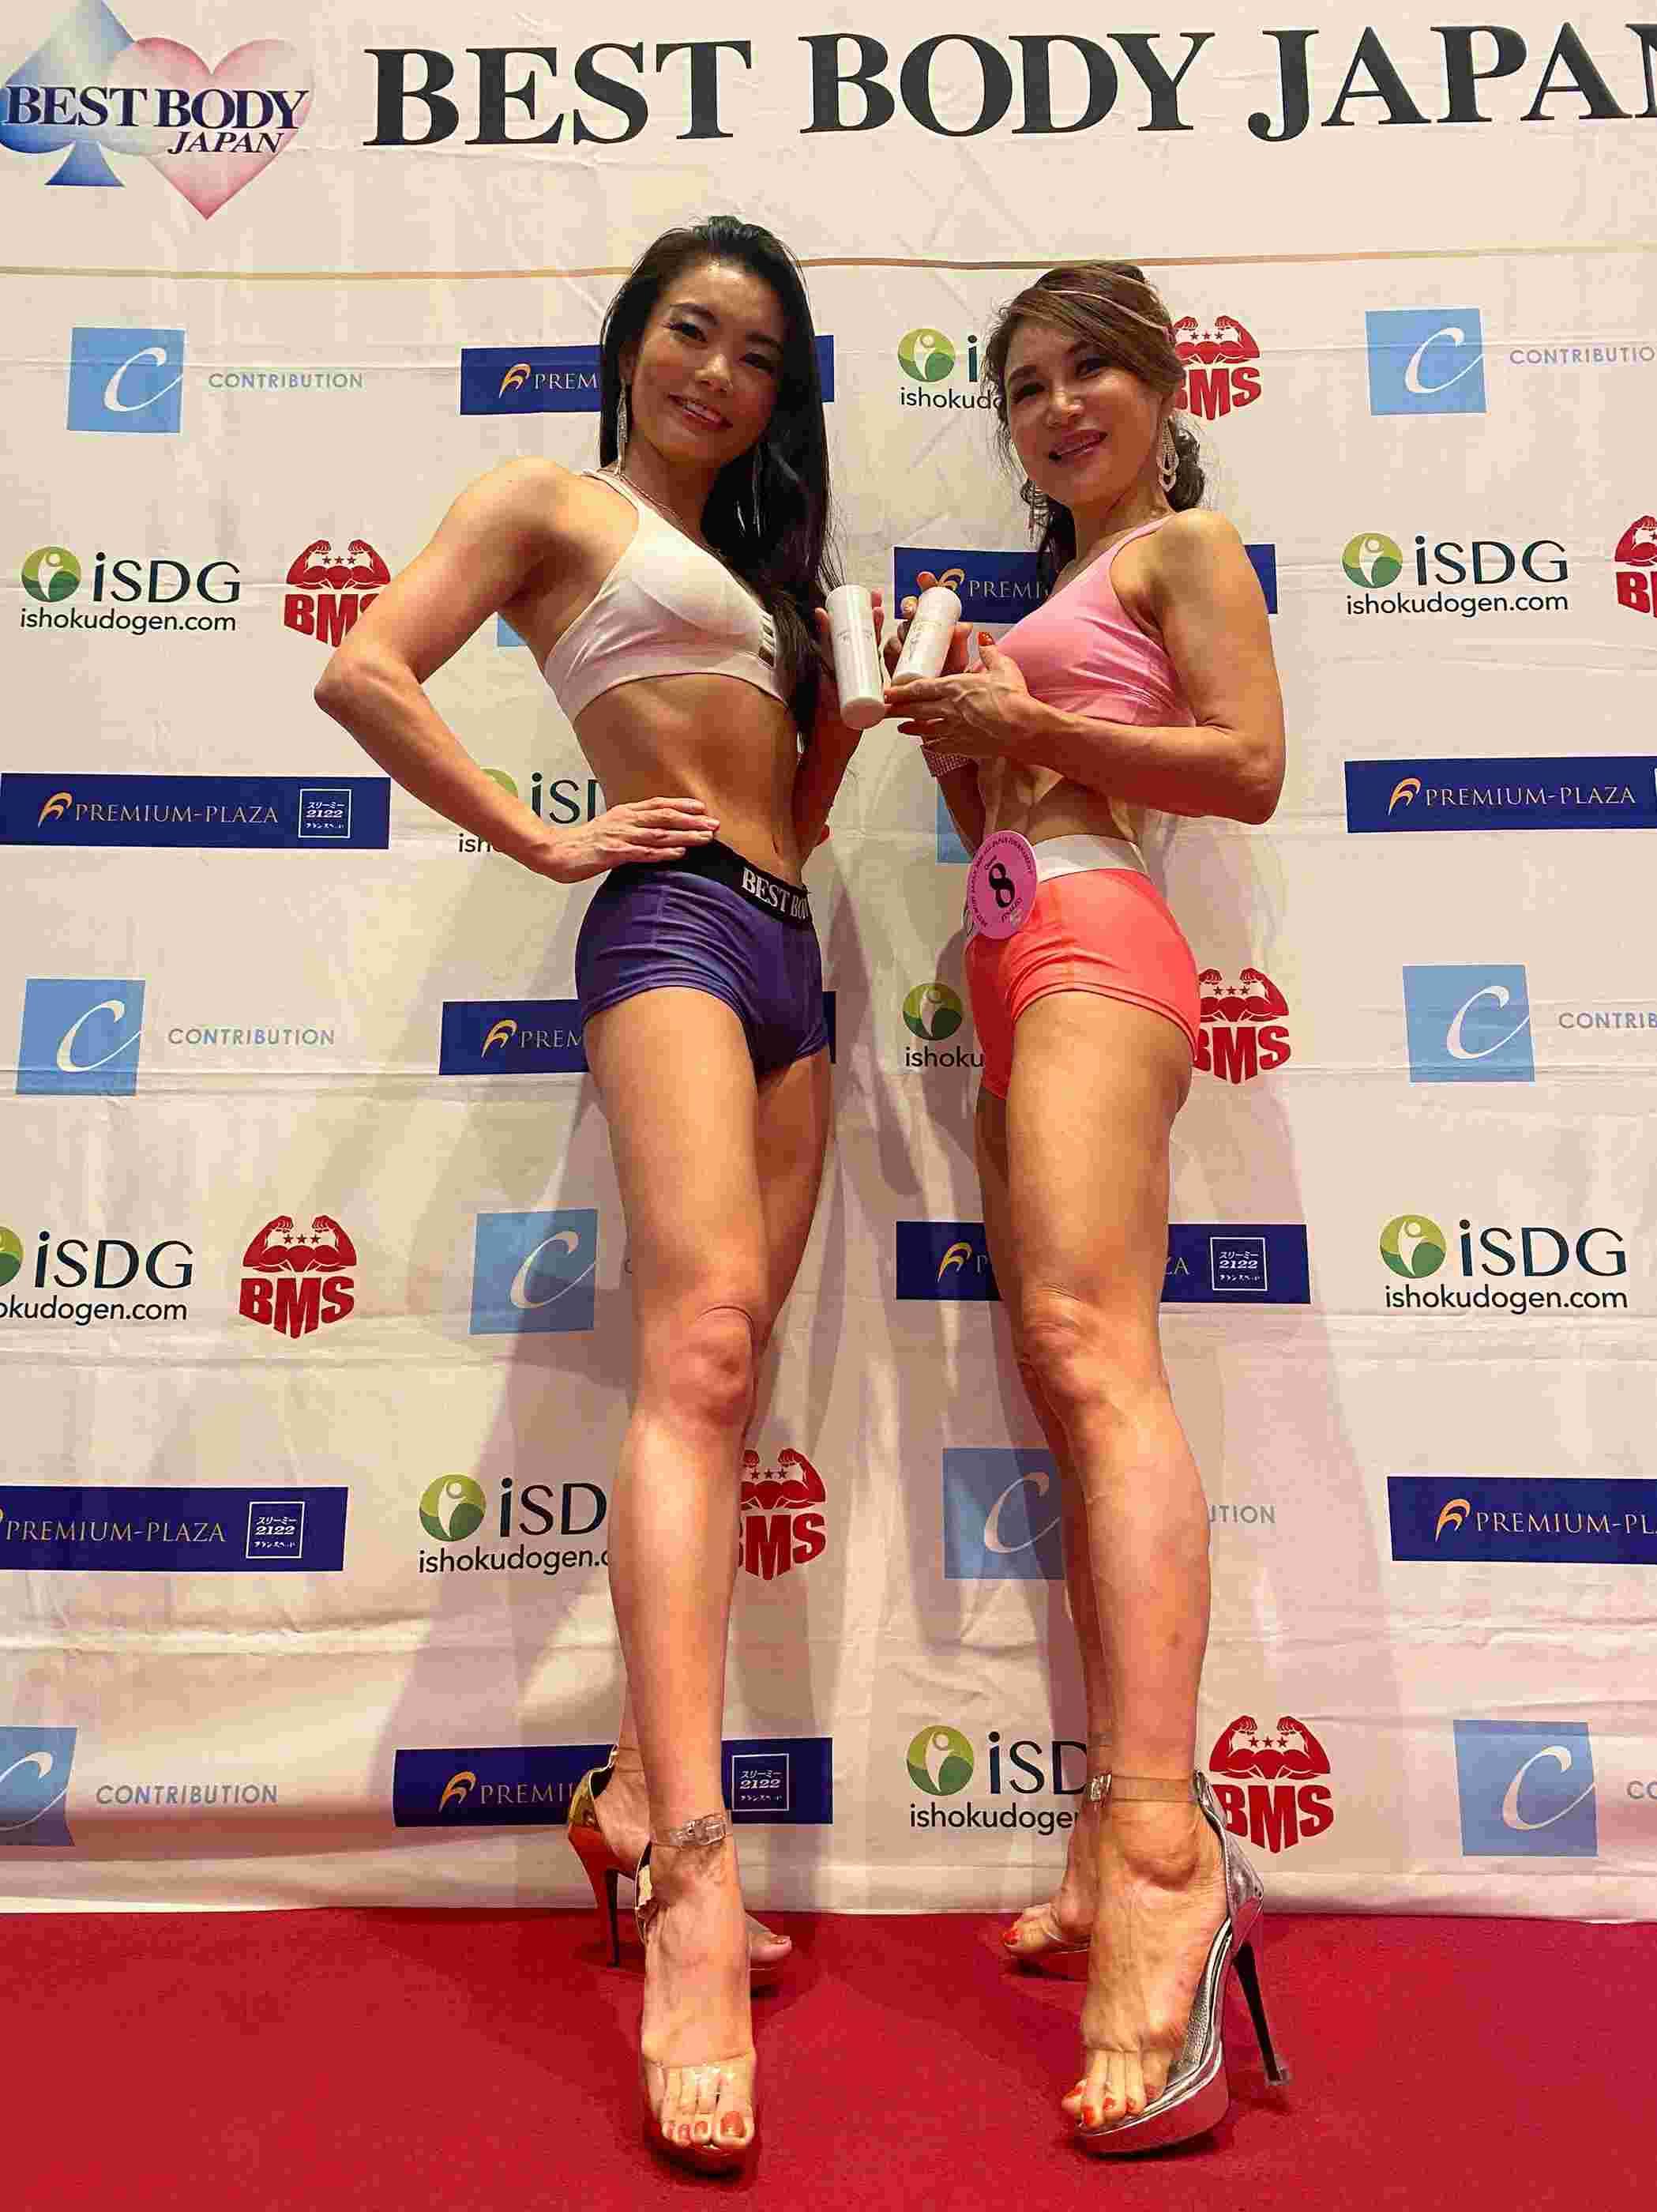 beauty_1607753428240.JPG